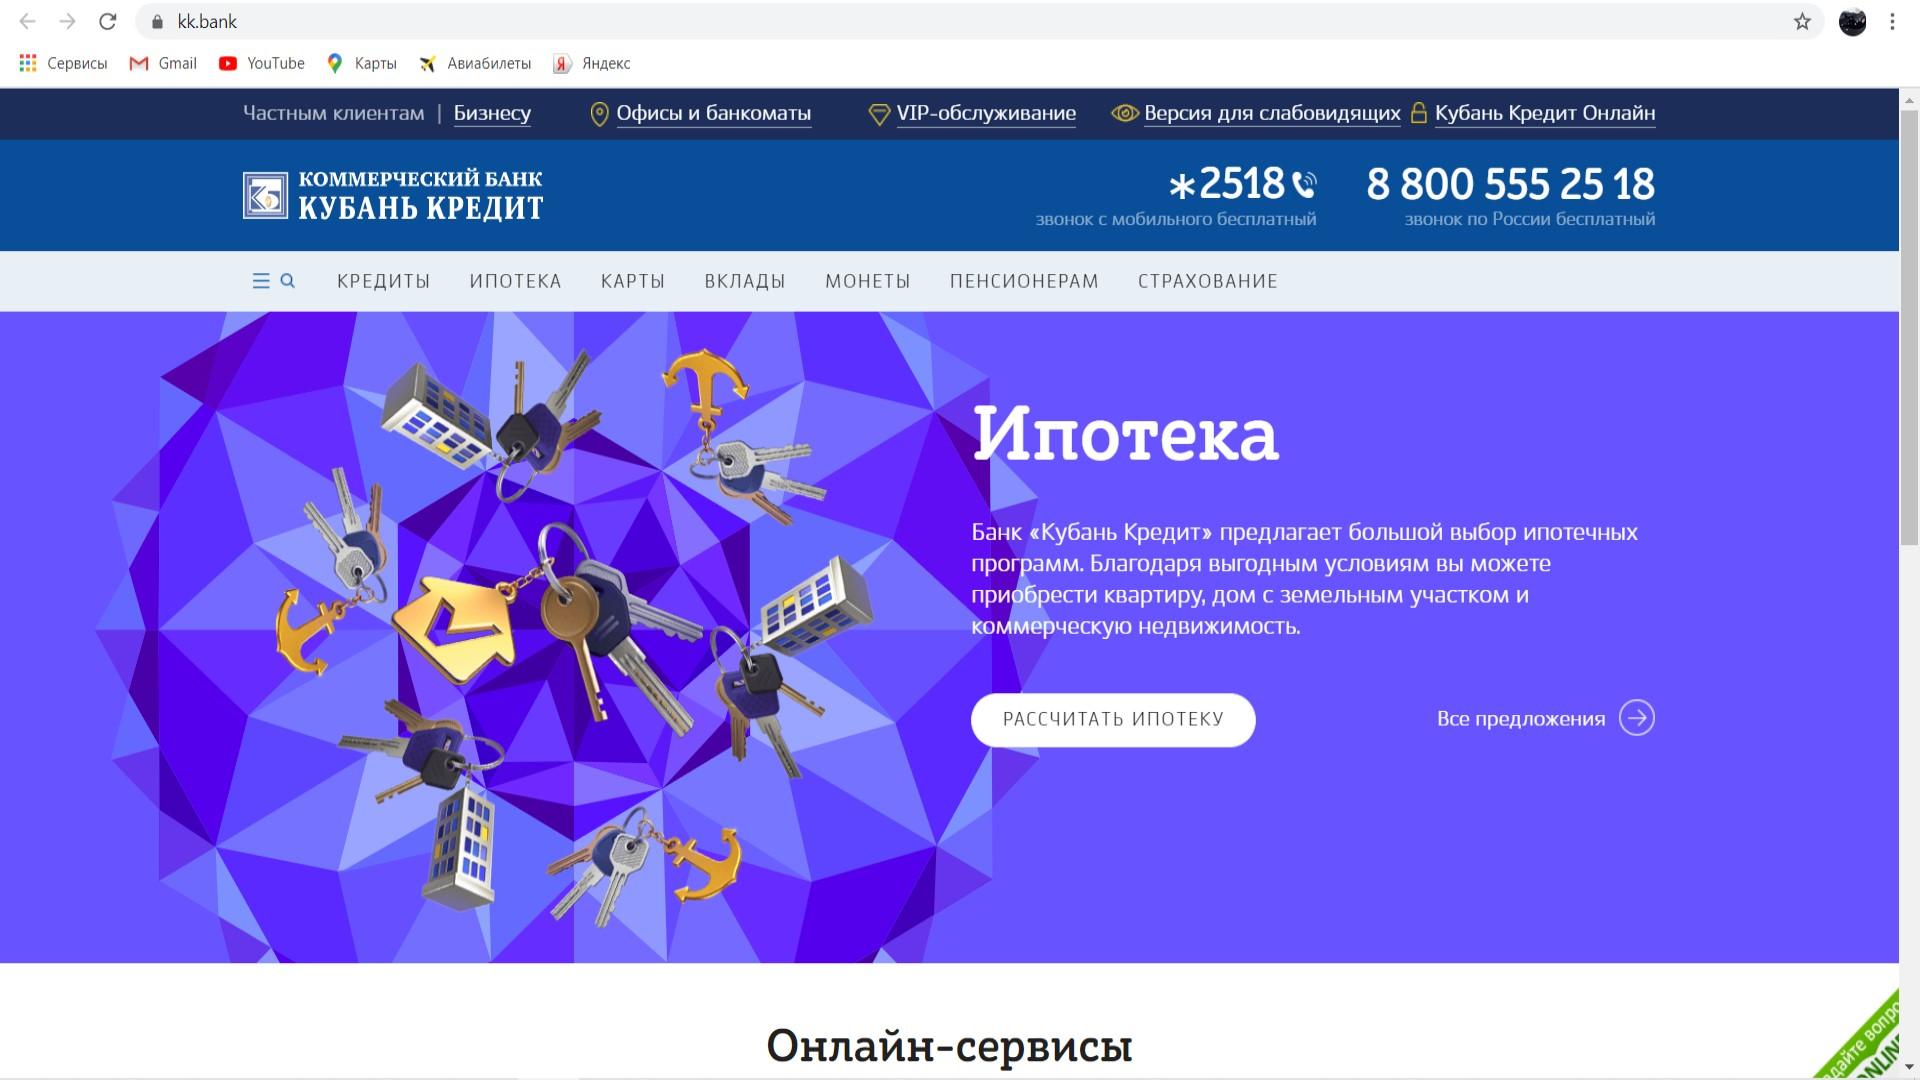 кубань банк официальный сайт